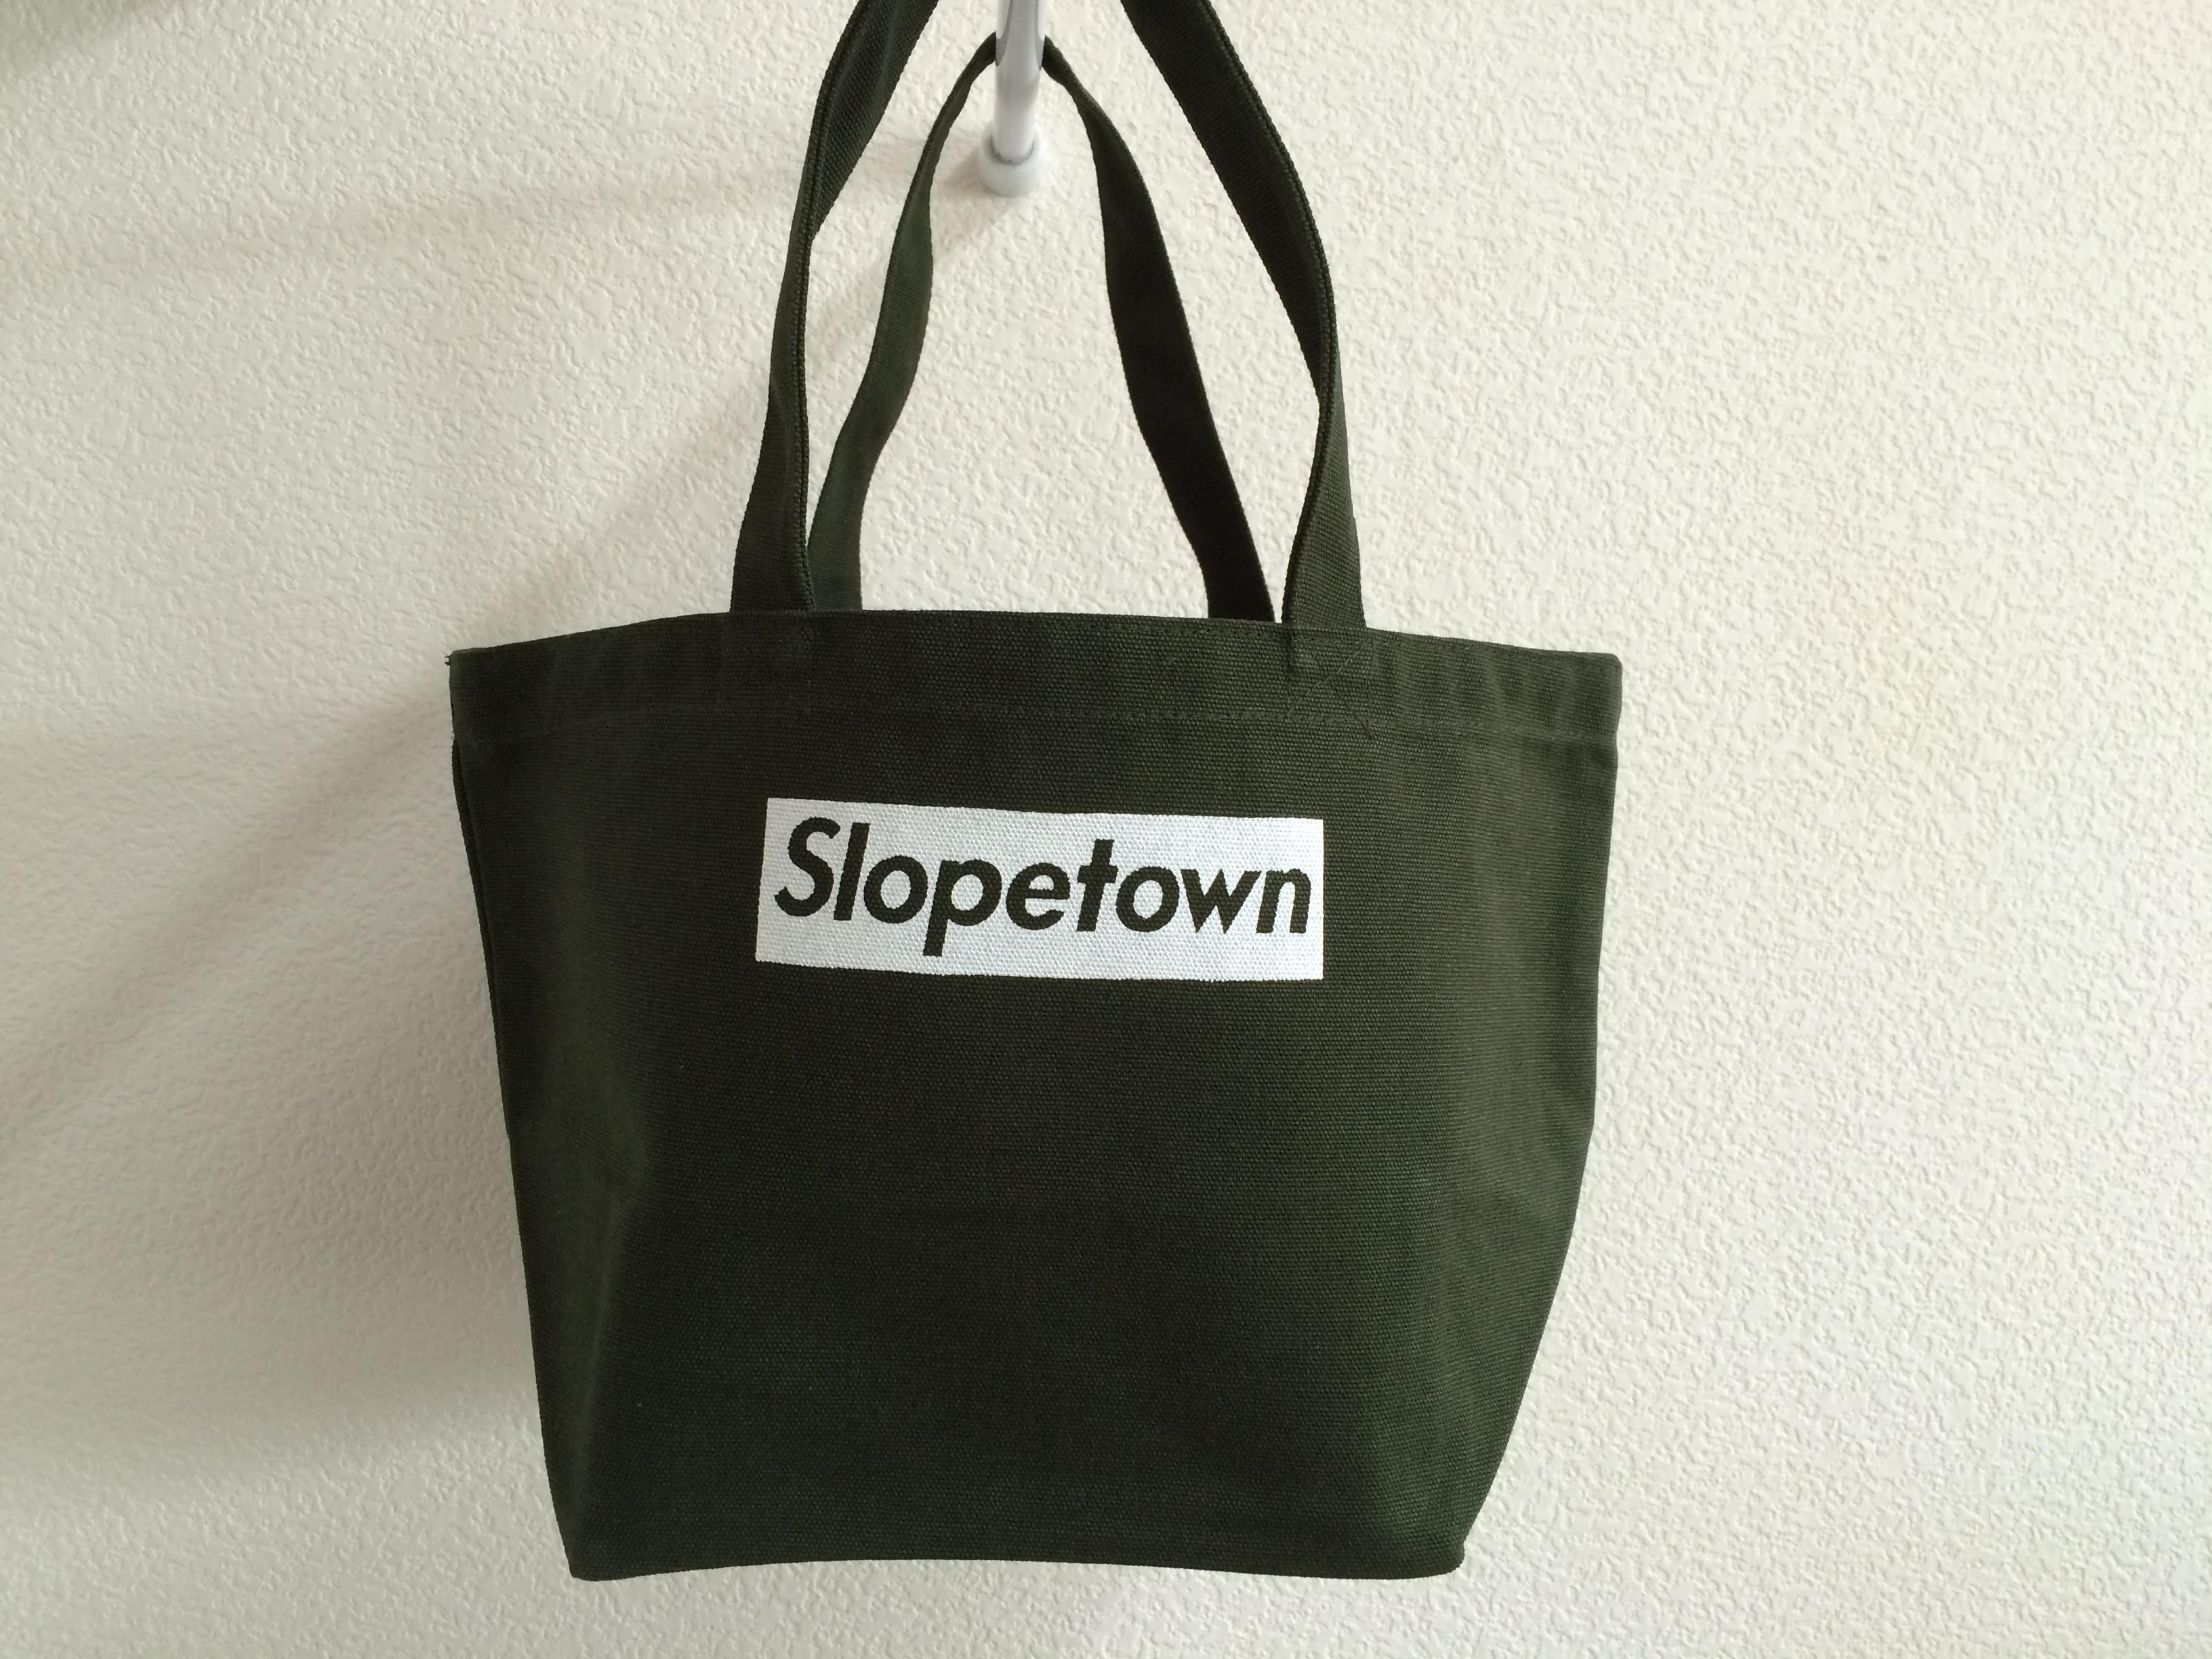 SlopetownキャンバスバッグOD